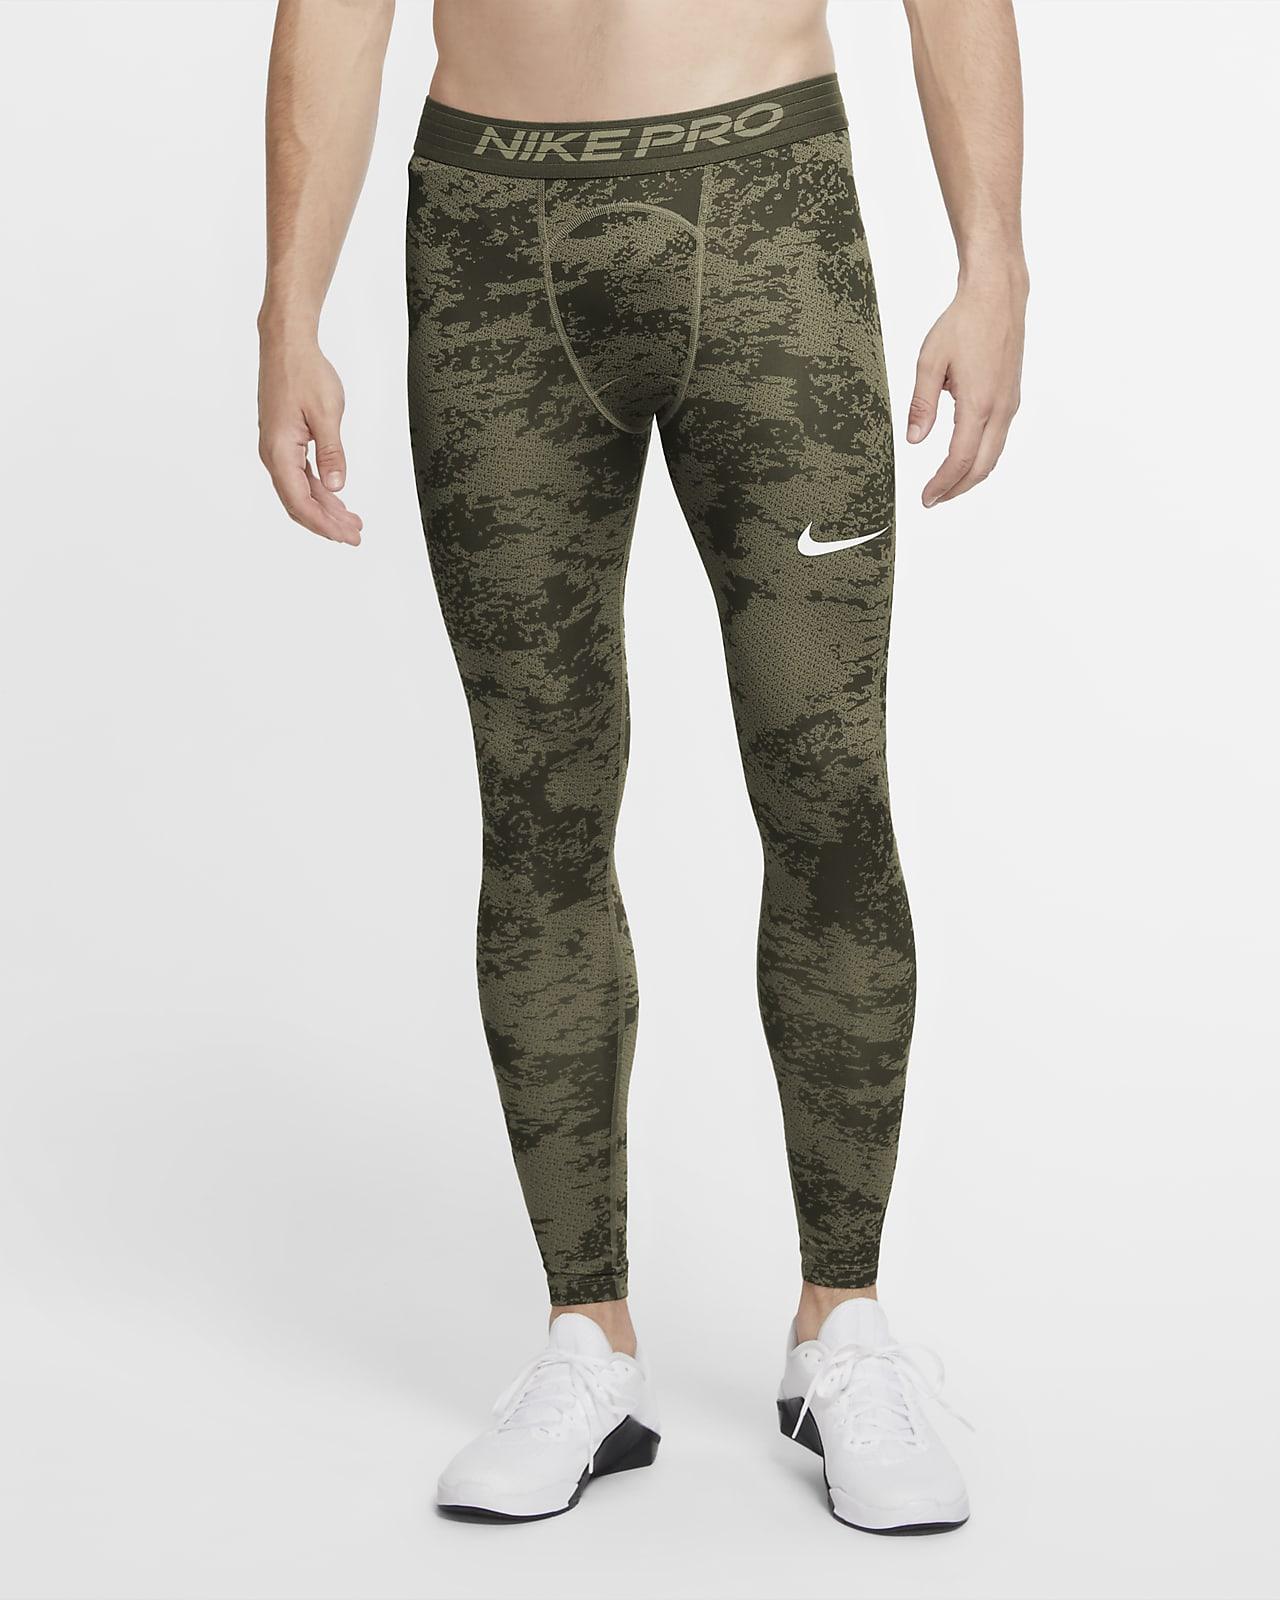 Mallas camufladas para hombre Nike Pro